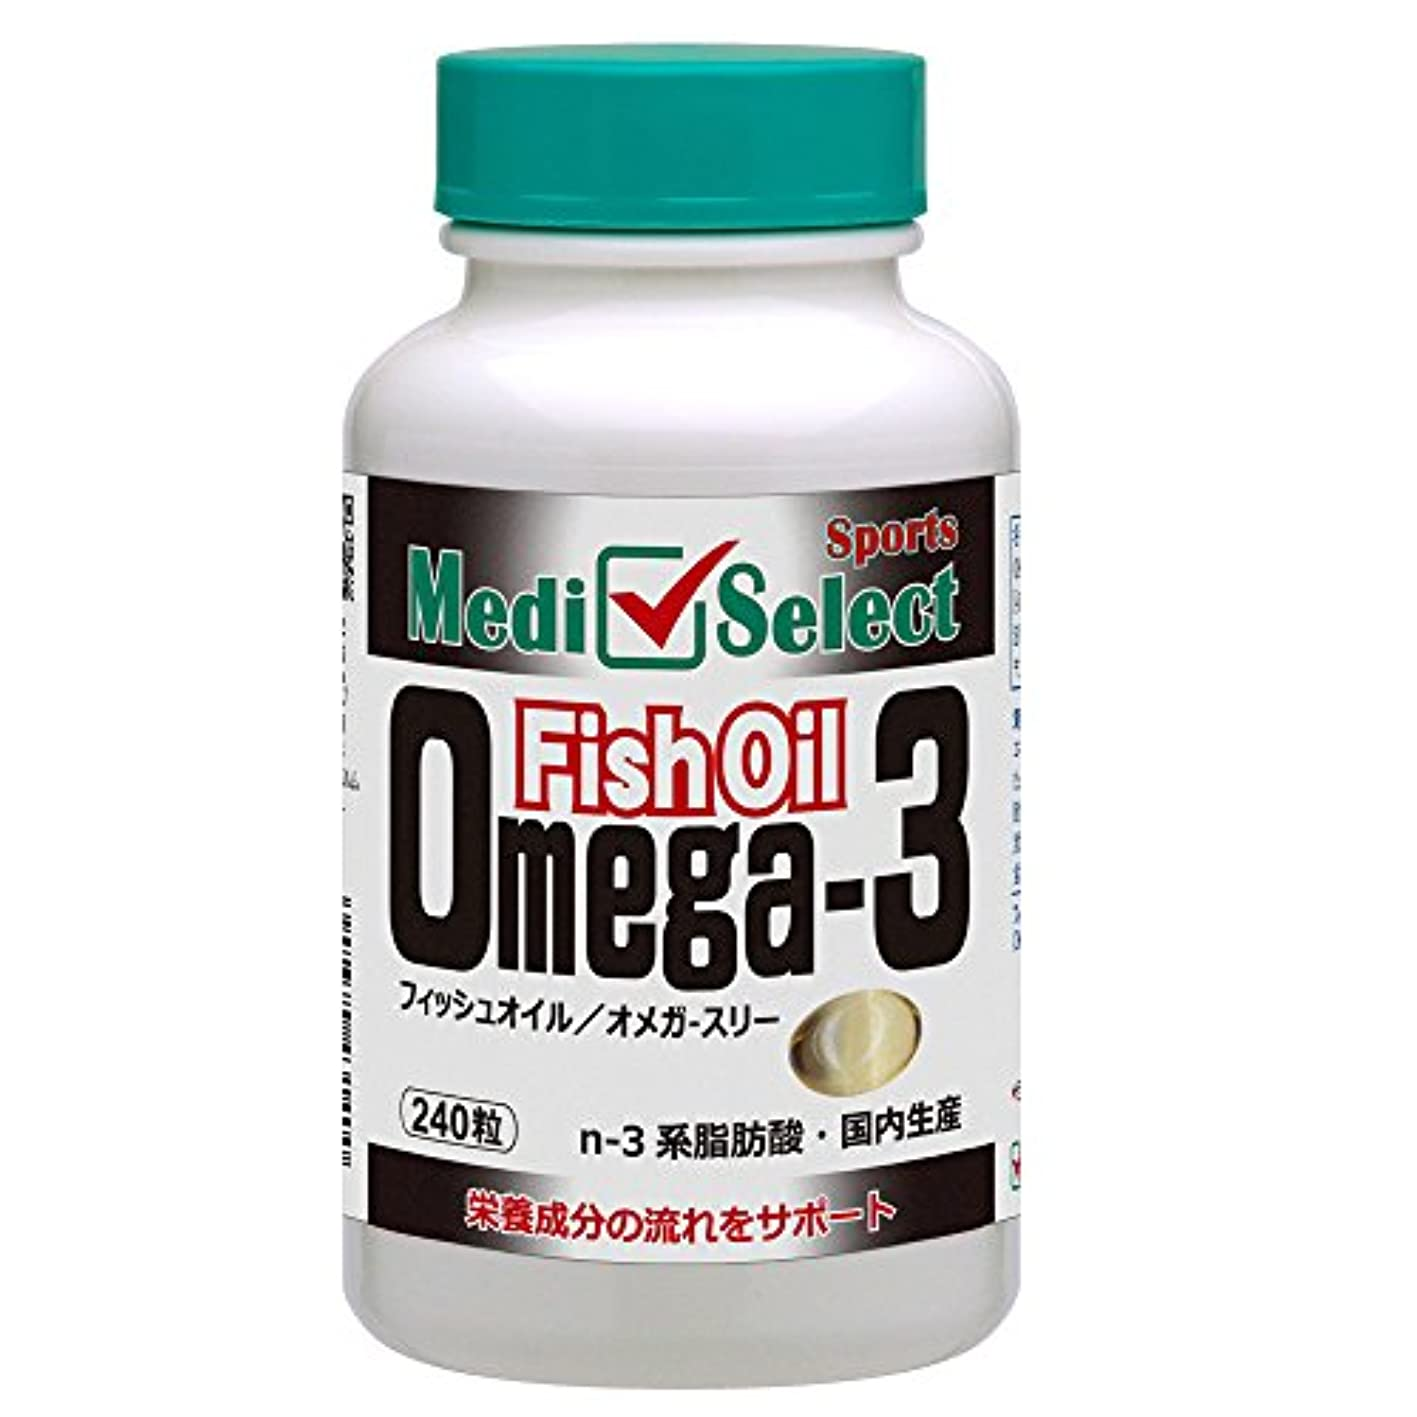 反発シフト地域メディセレクト スポーツ フィッシュオイル Omega-3(オメガ-スリー) 240粒